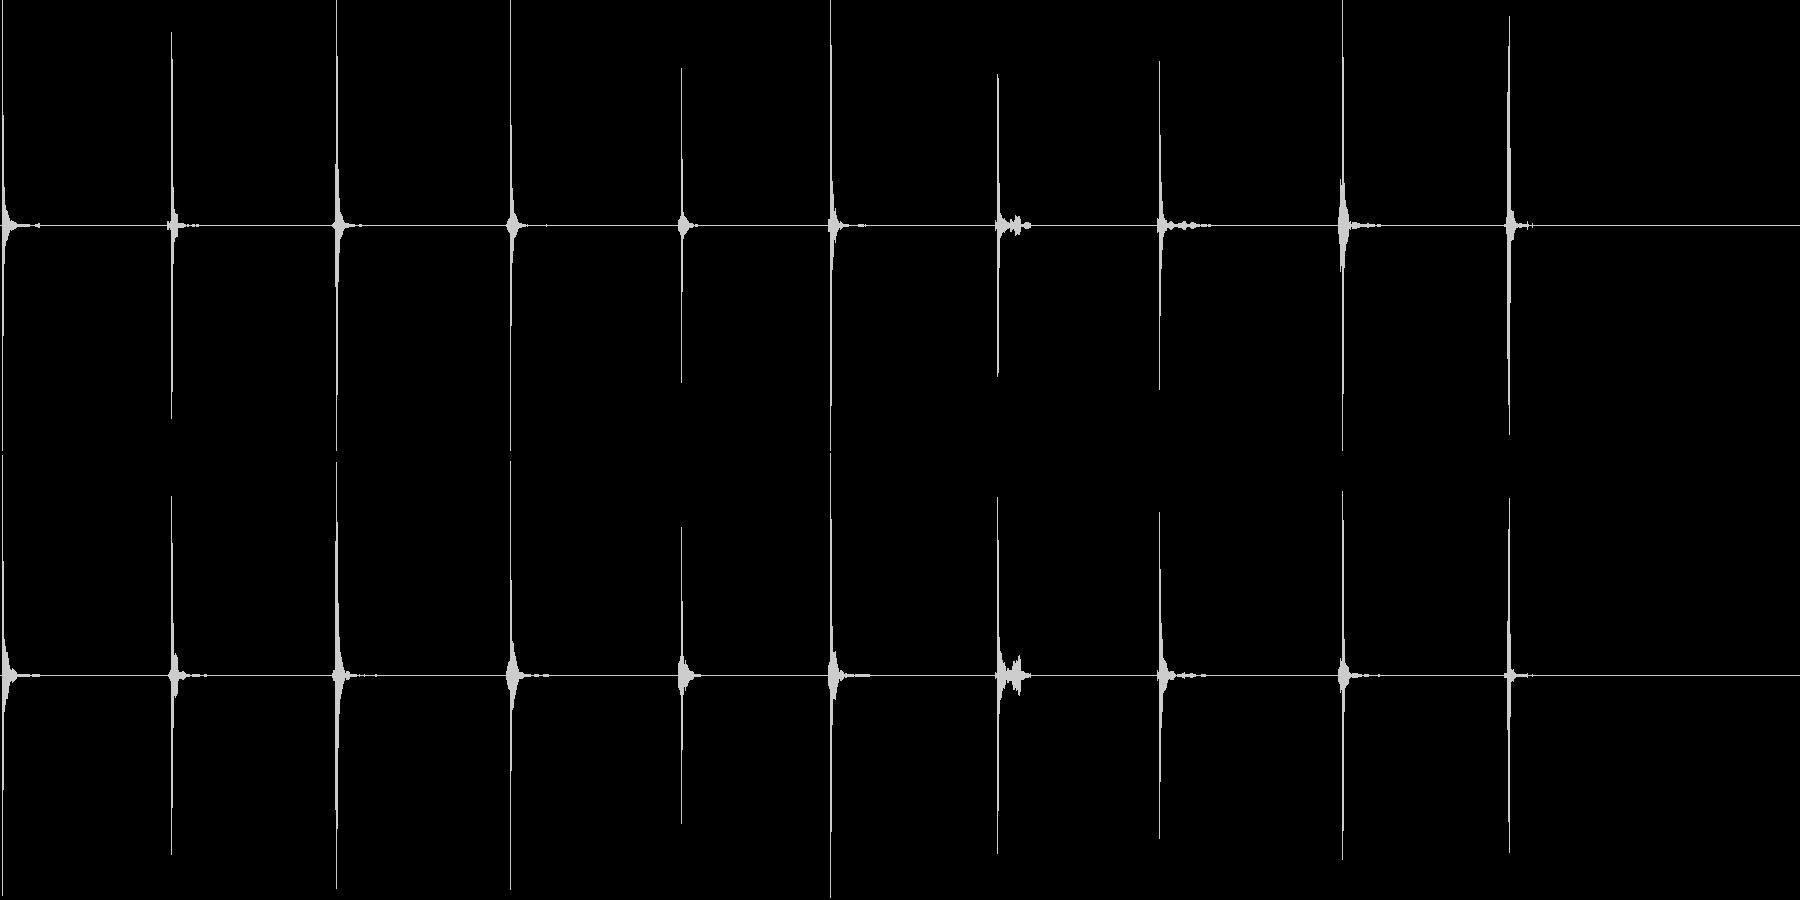 骨への影響、大きな11-20の未再生の波形